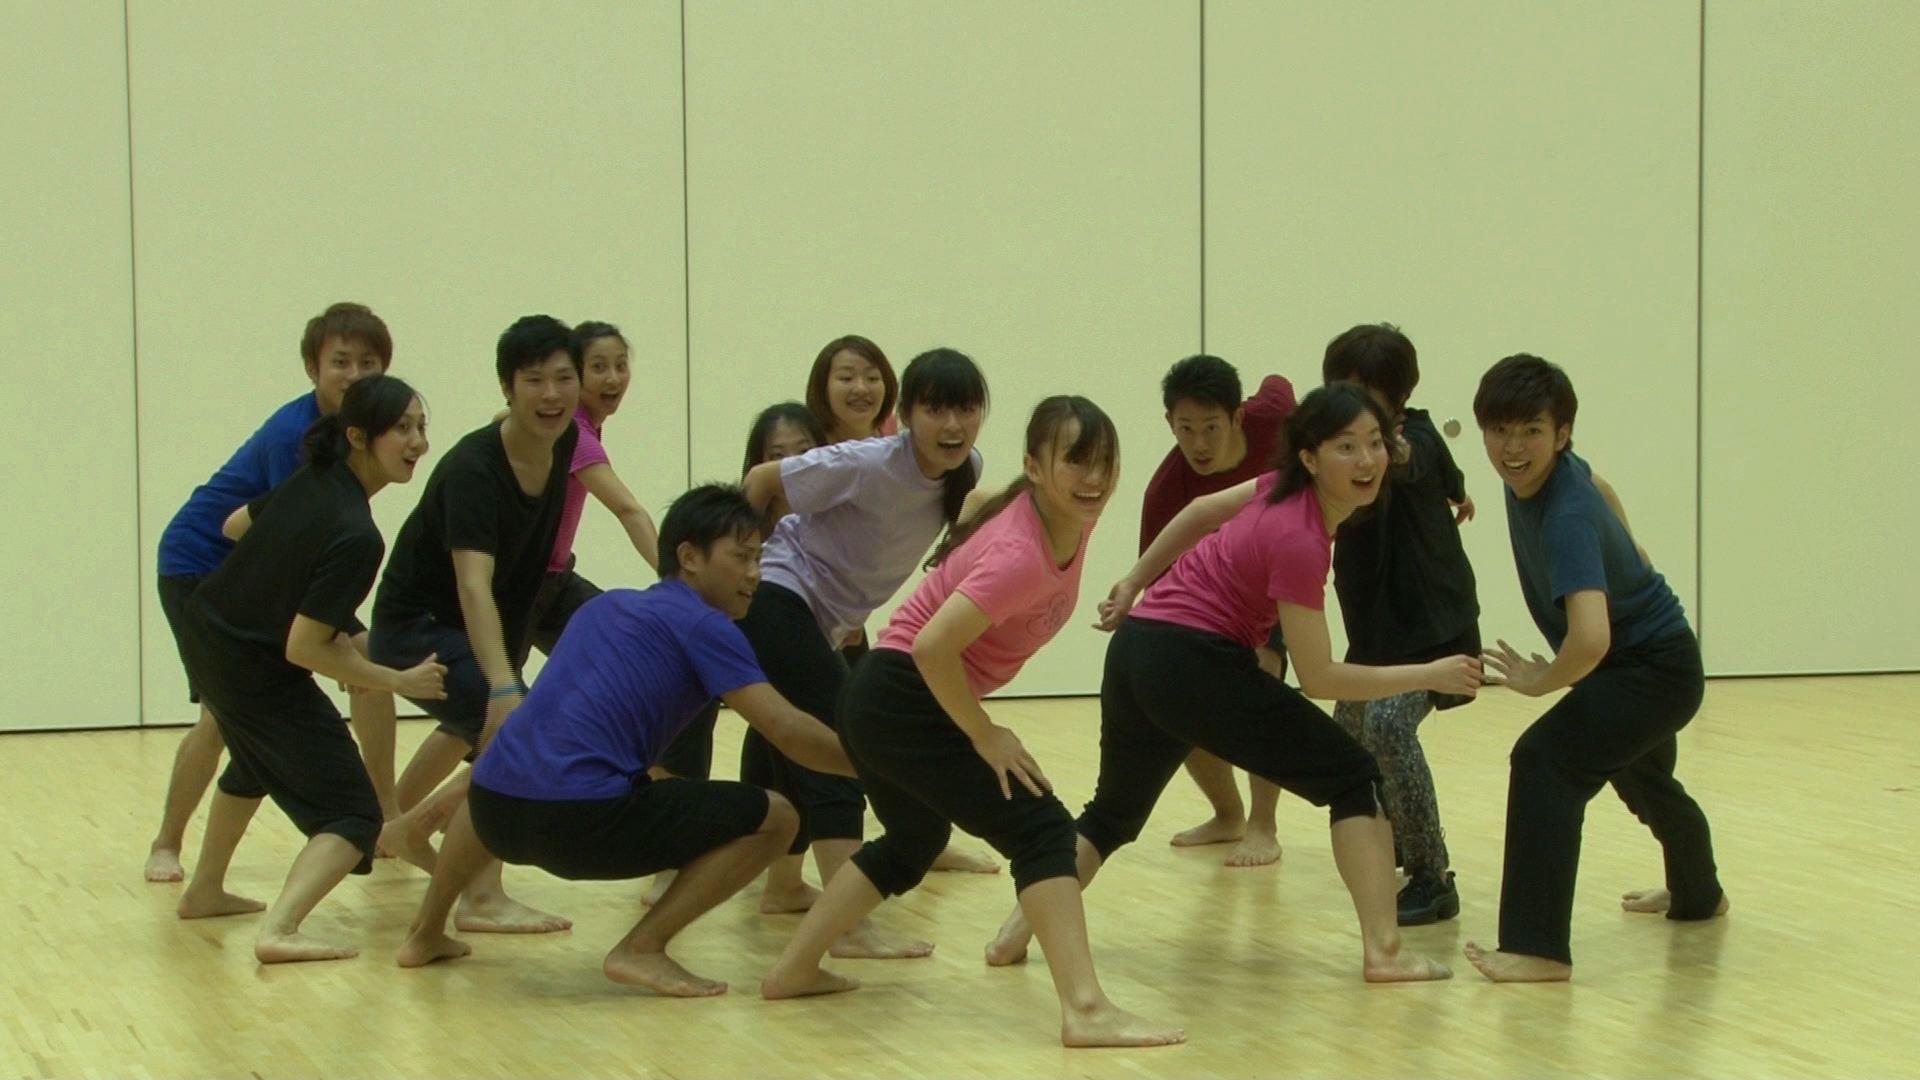 現代的なリズムのダンス~さらに広がるリズムの世界~